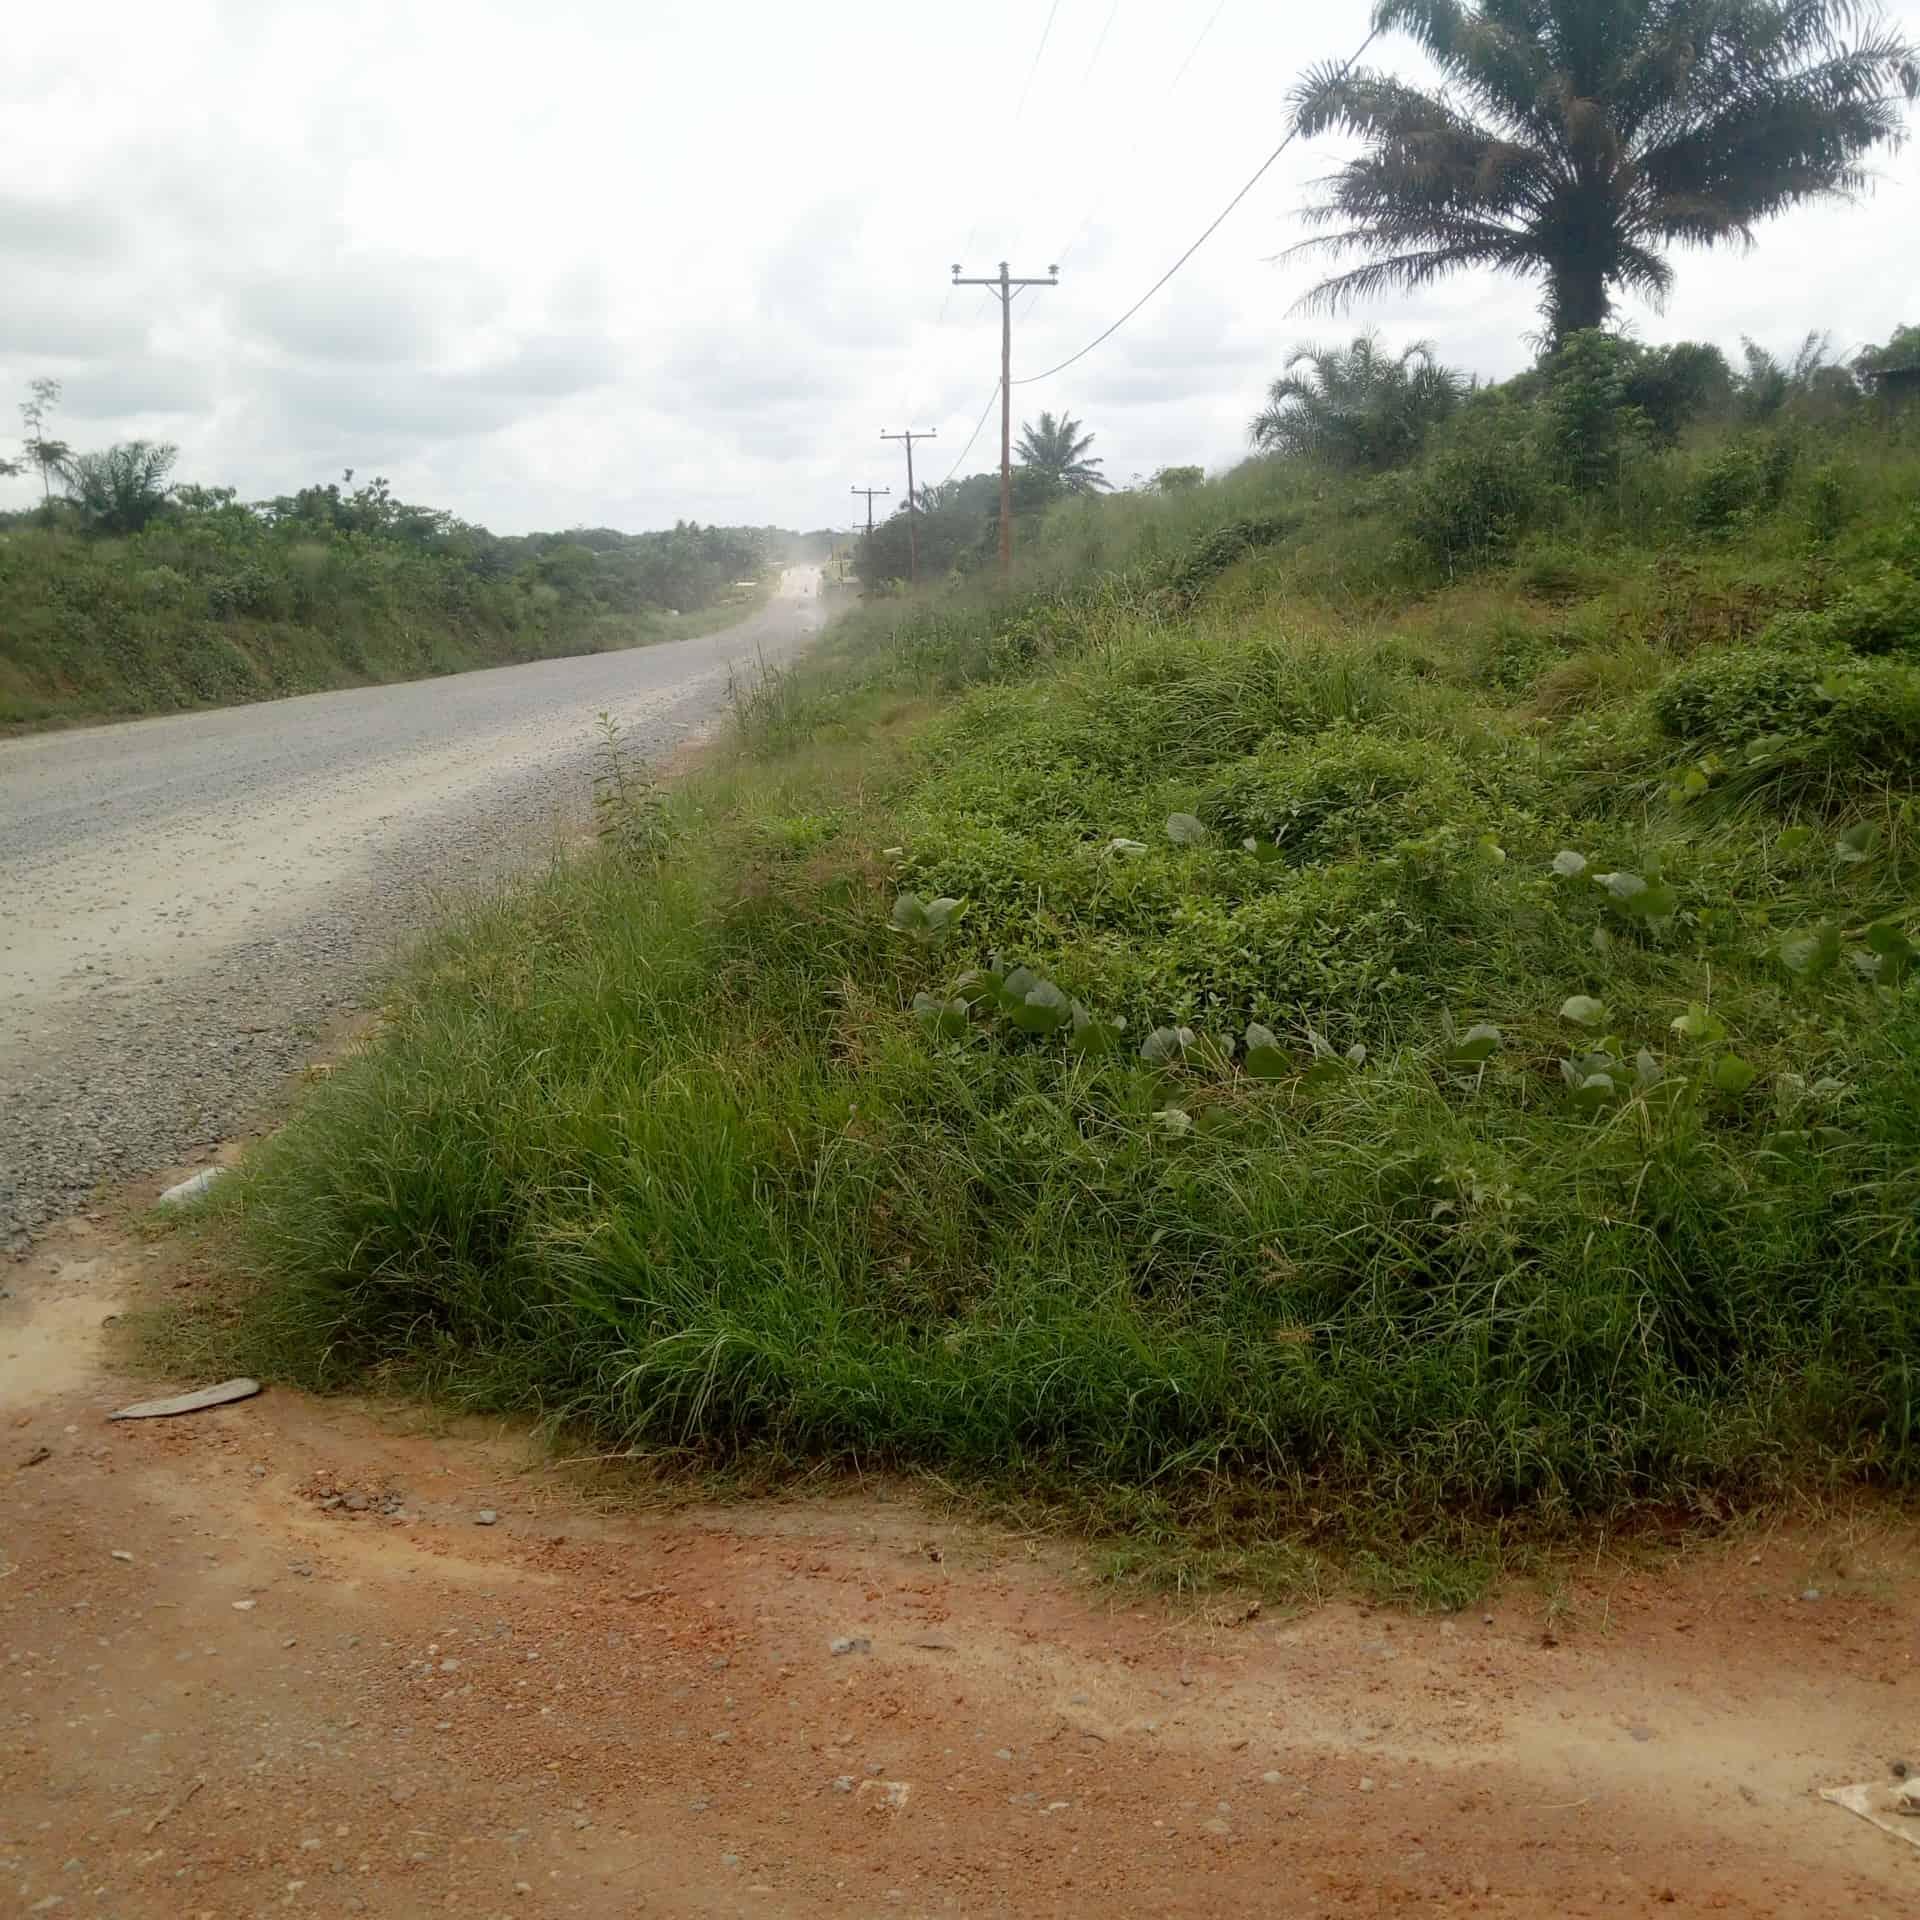 Land for sale at Douala, PK 27, Pk27 - 1000 m2 - 65 000 000 FCFA